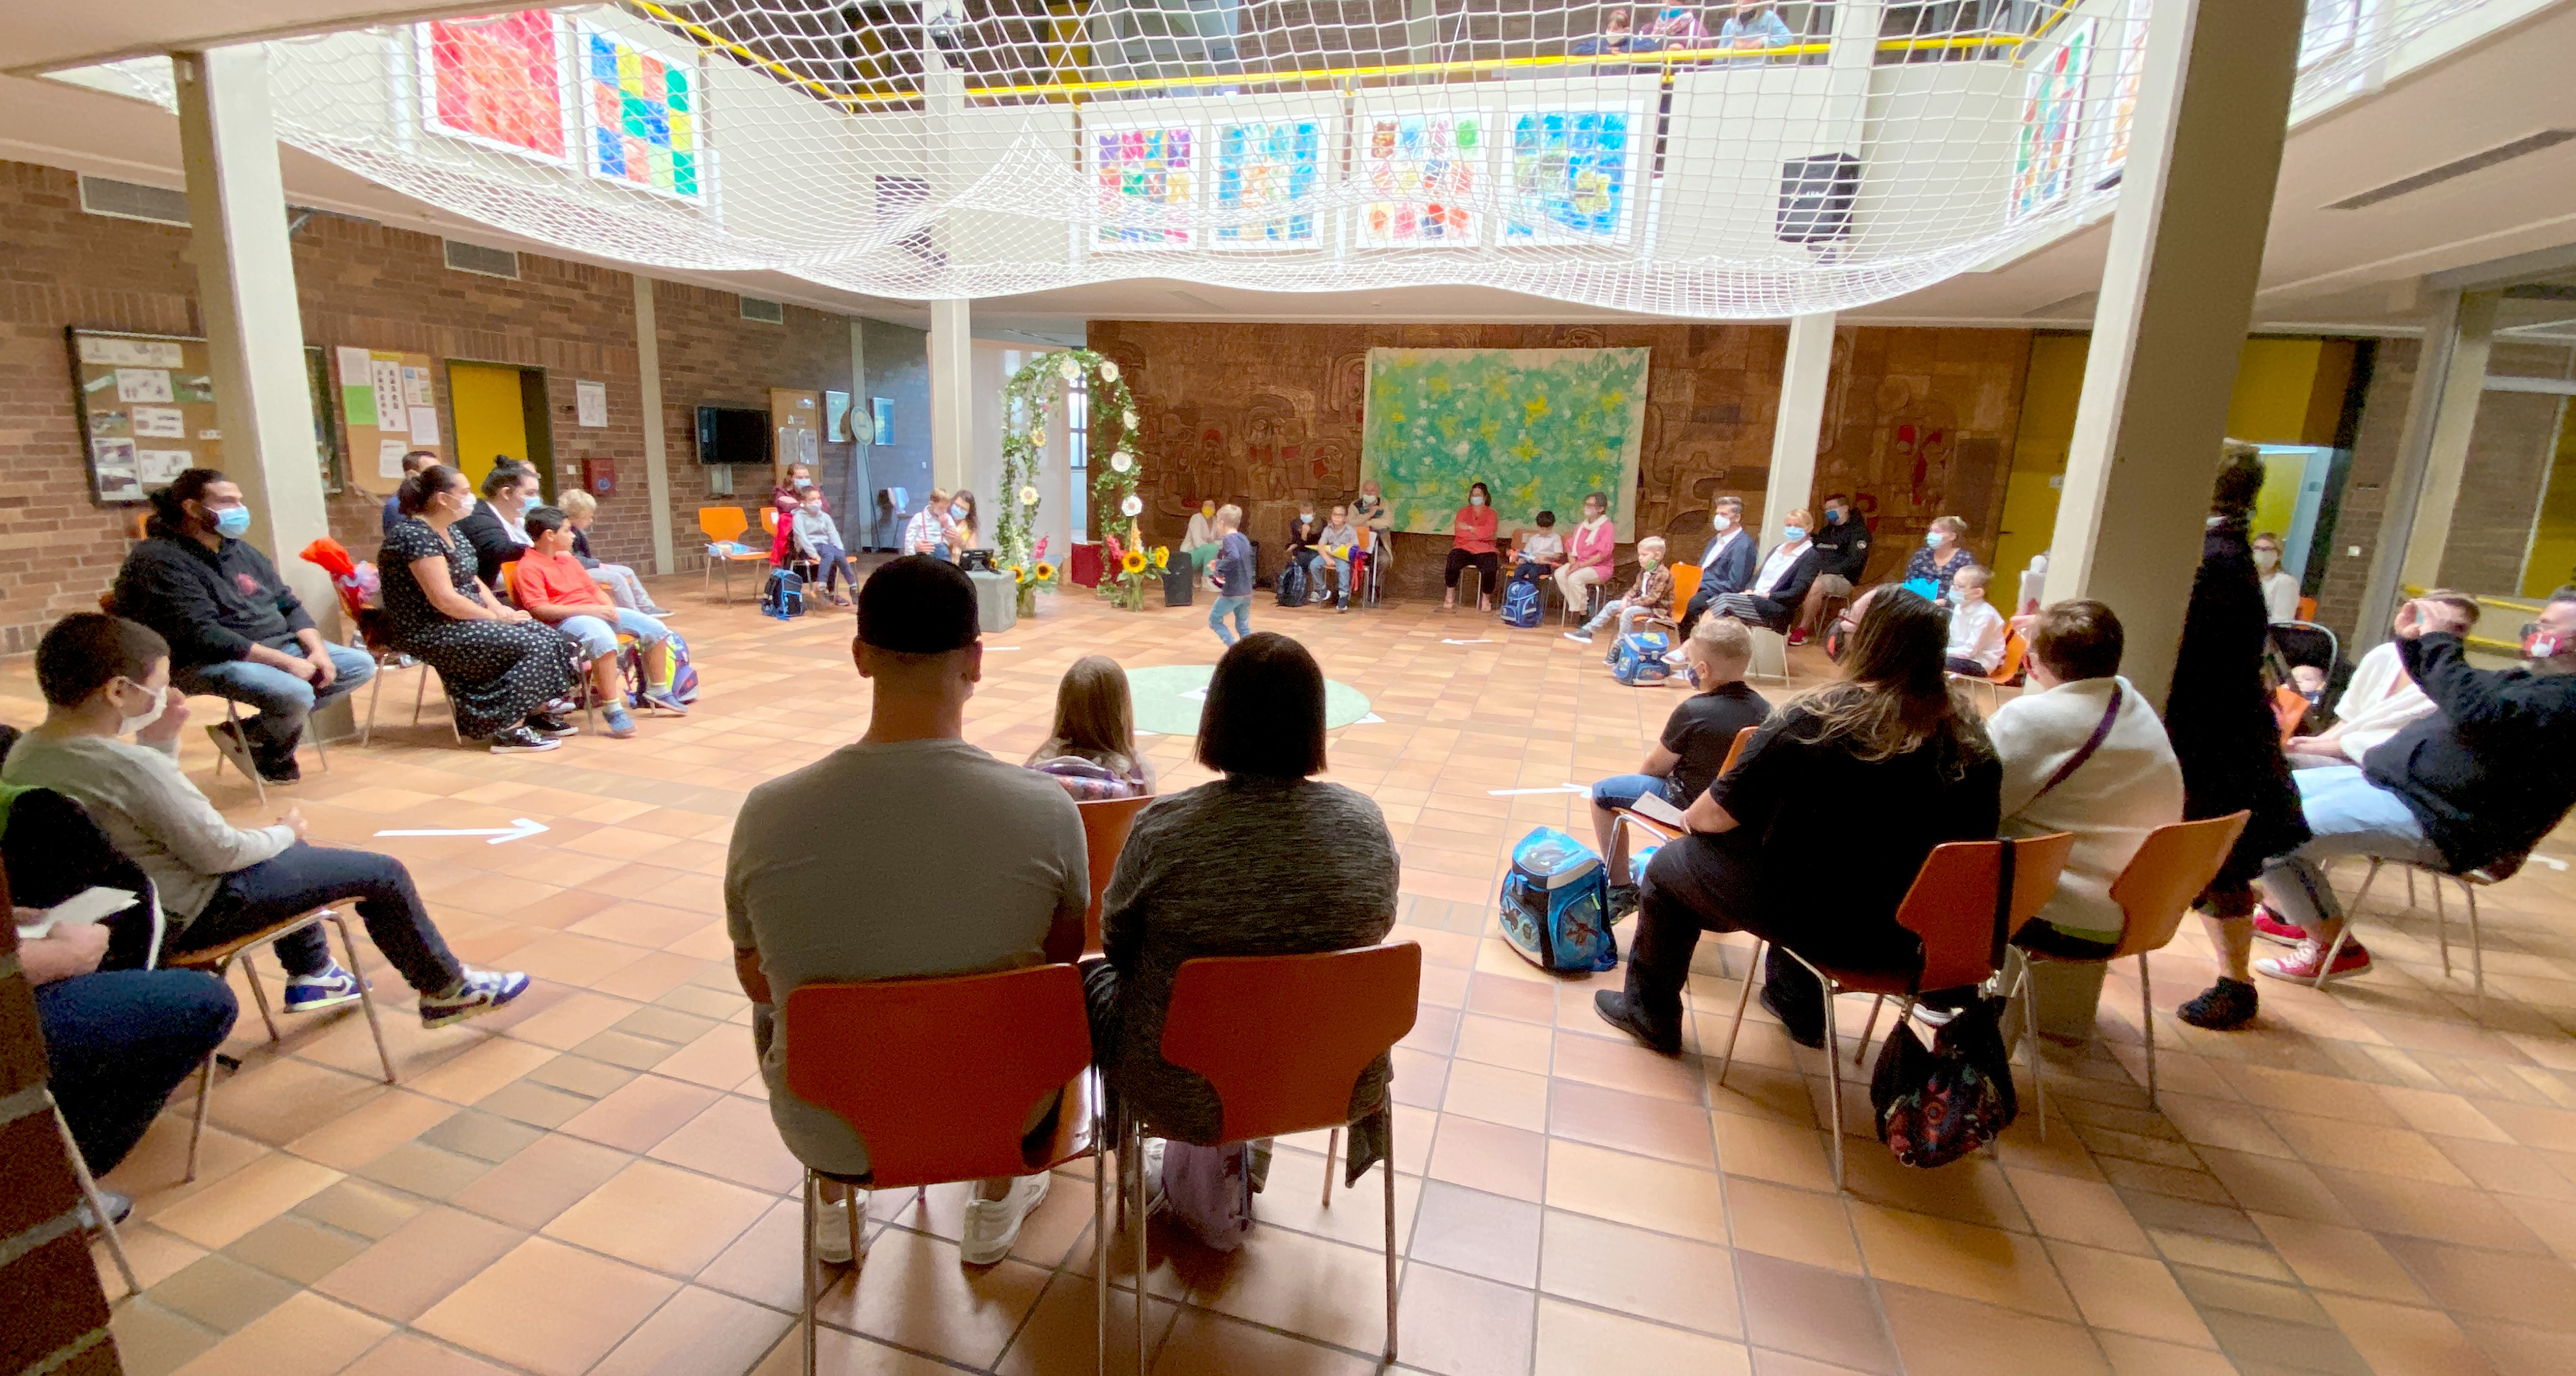 Für 13 Buben und Mädchen begann heute ihre Schulzeit. Im kleinen Kreis starteten sie ins Schuljahr 20/21 der Dr. Bernhard Leniger Schule in Lauf/Schönberg. Coronabedingt im kleinen Rahmen.